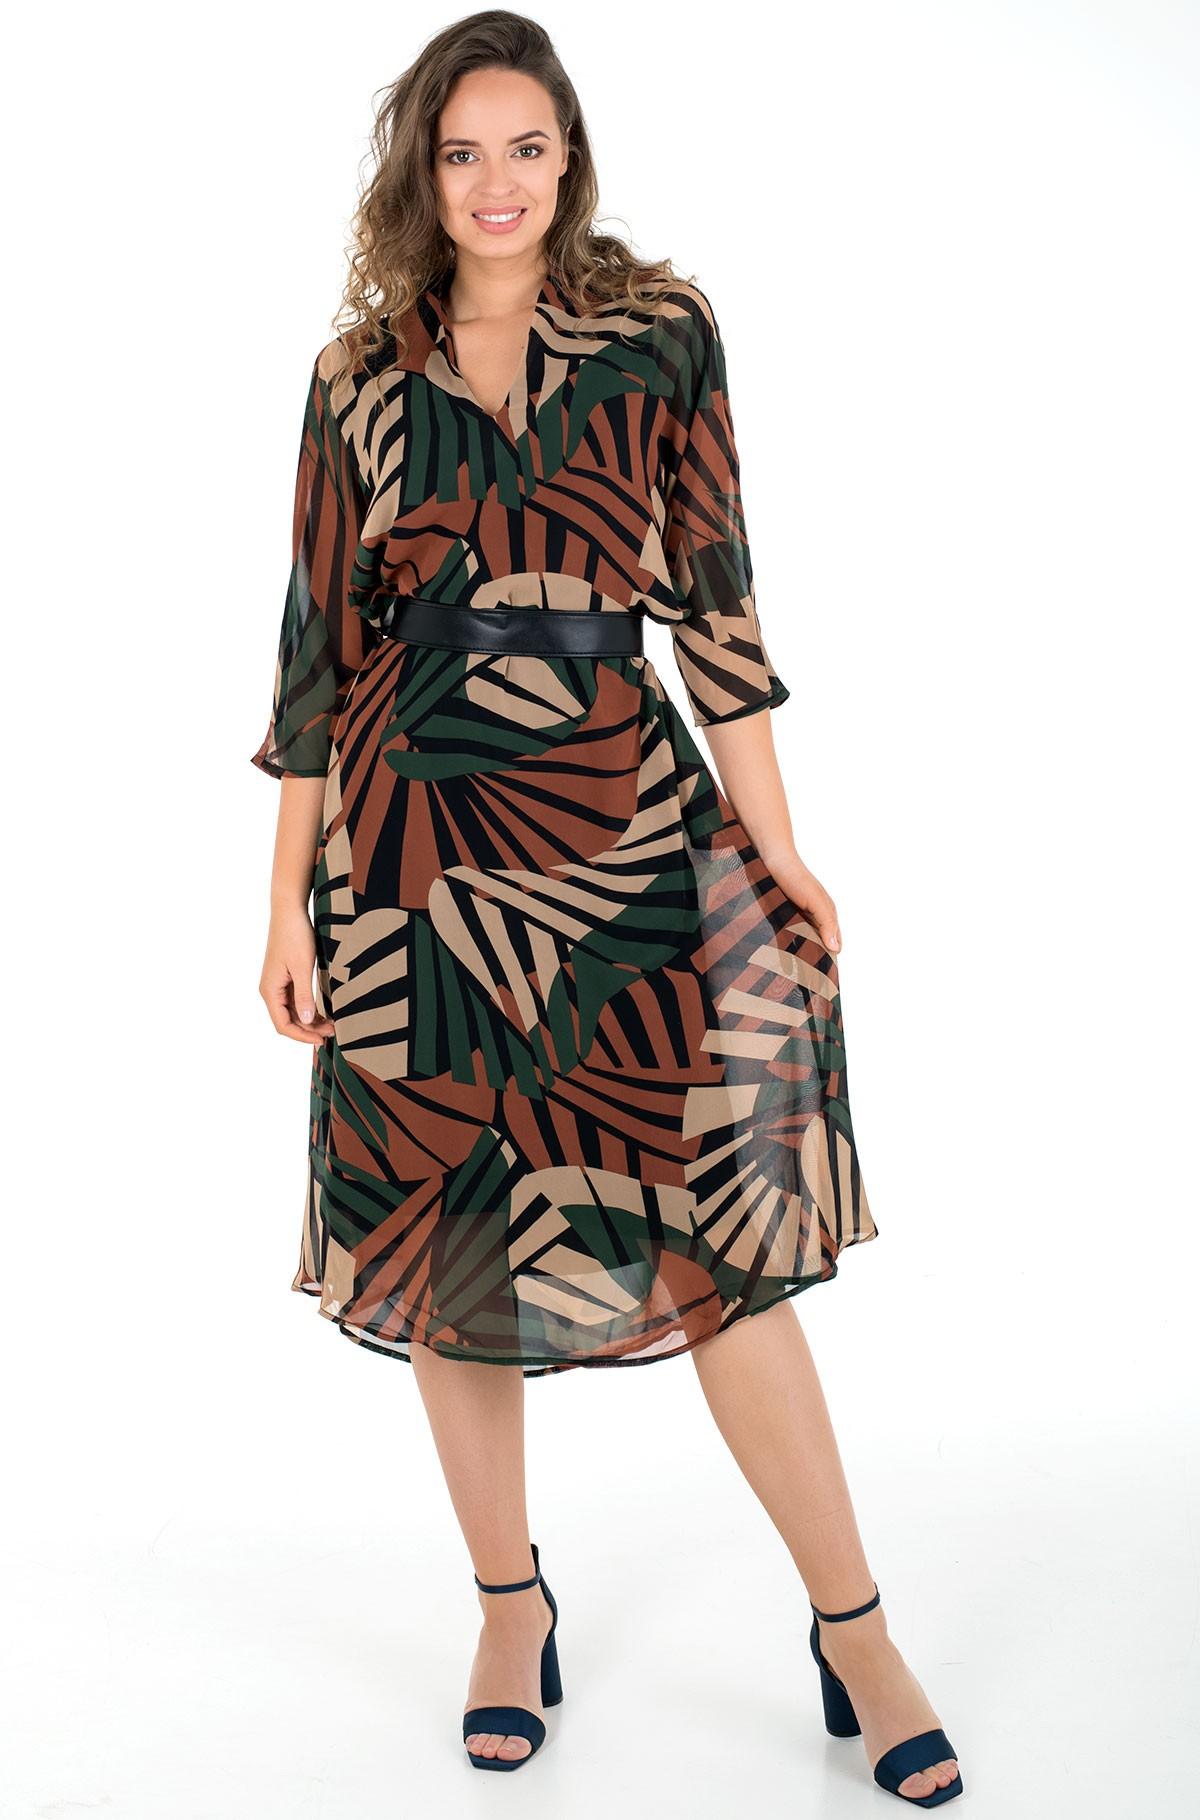 Dress RV121BE21-full-1